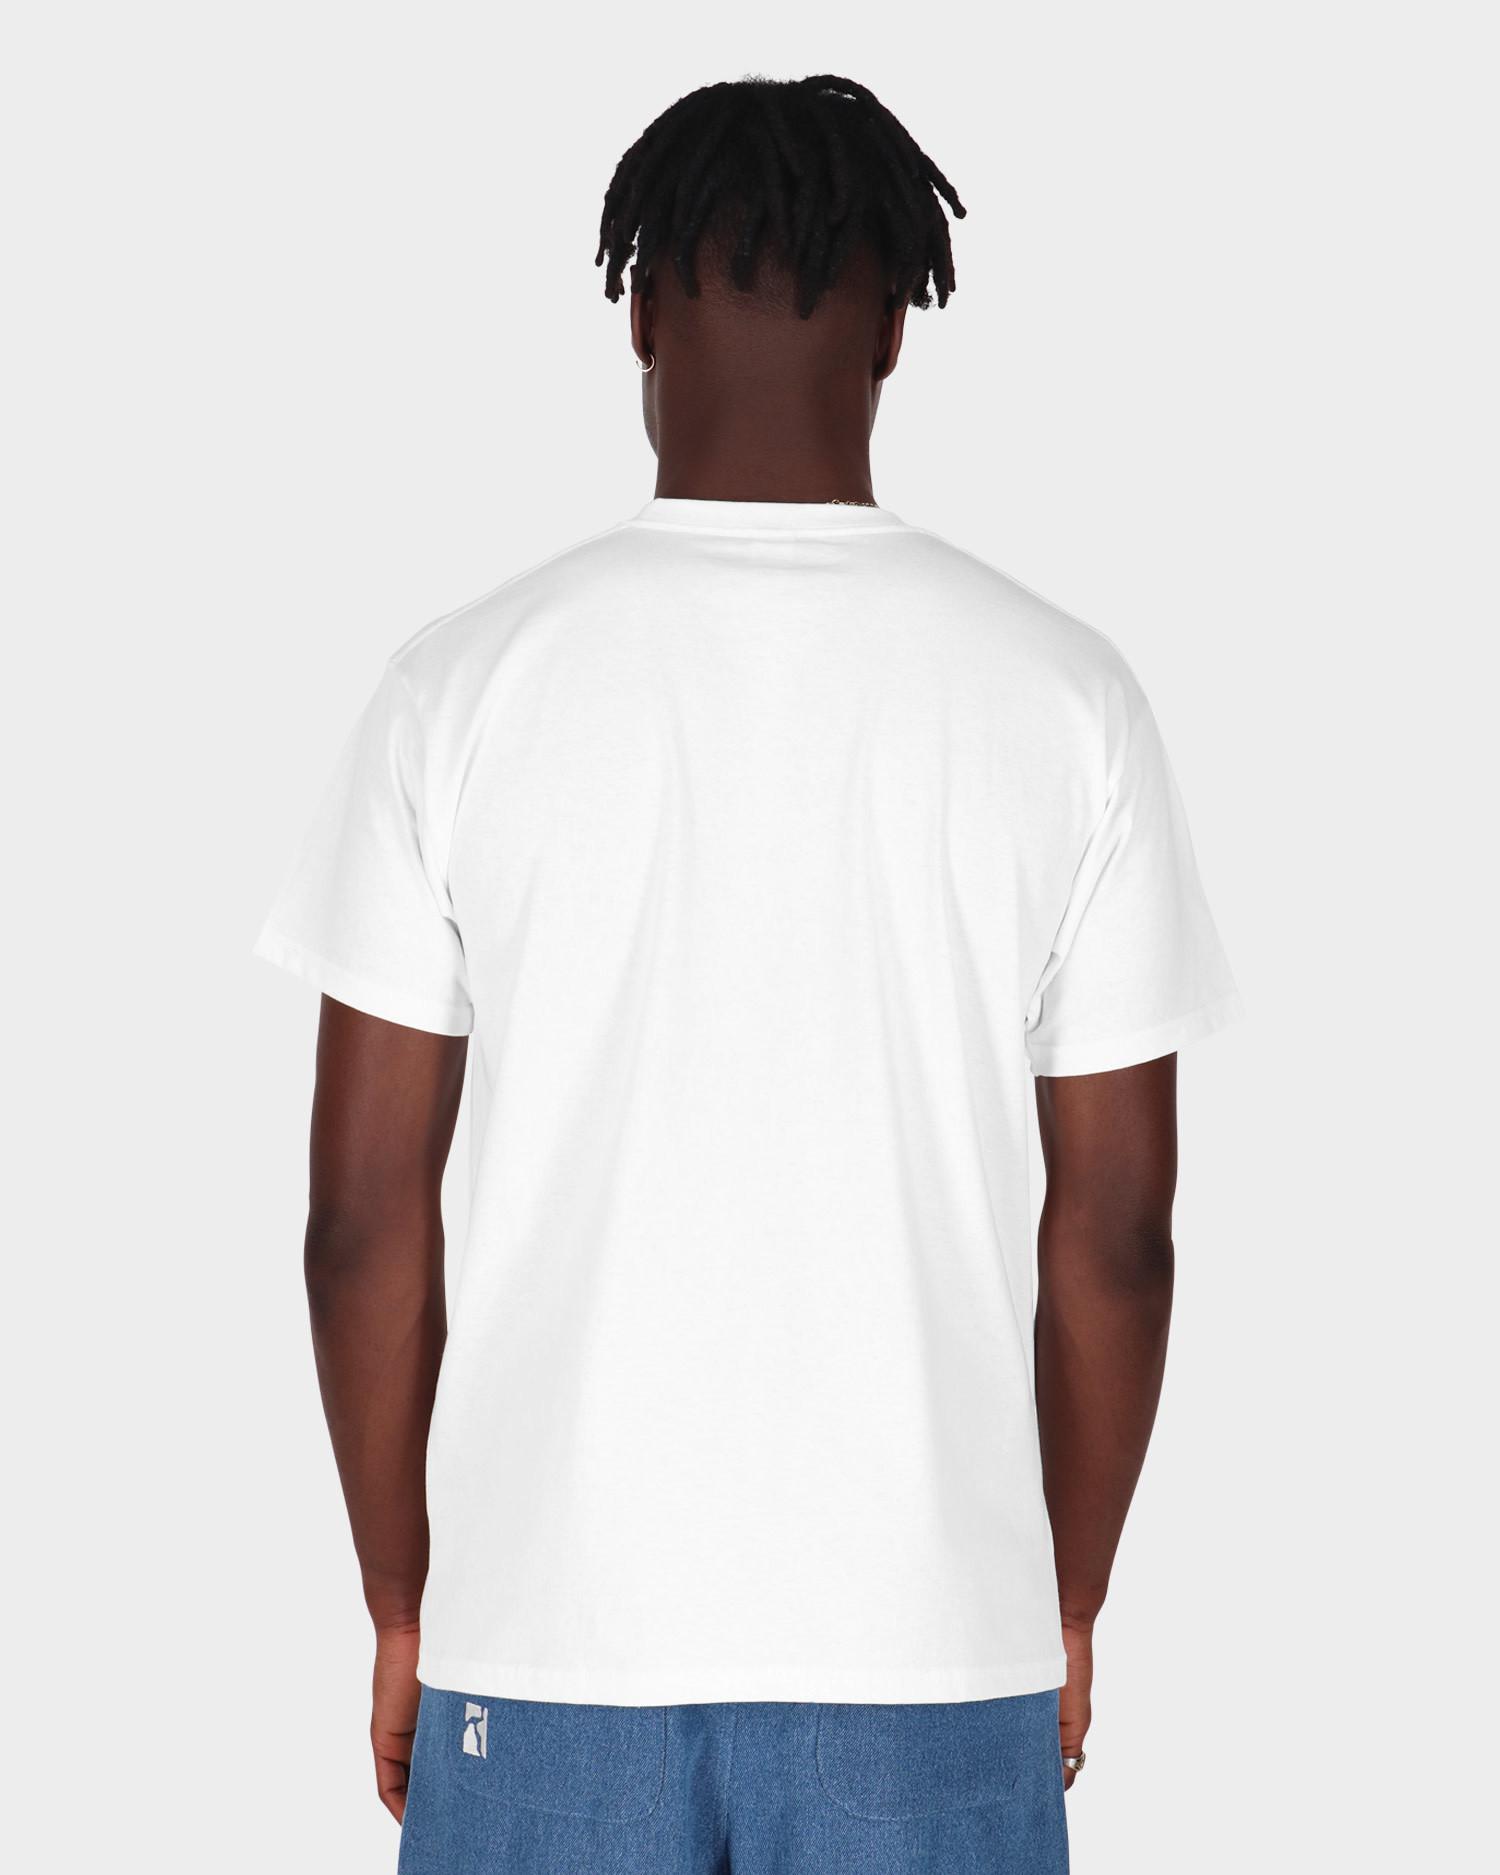 Lockwood X Korsakov T-shirt White